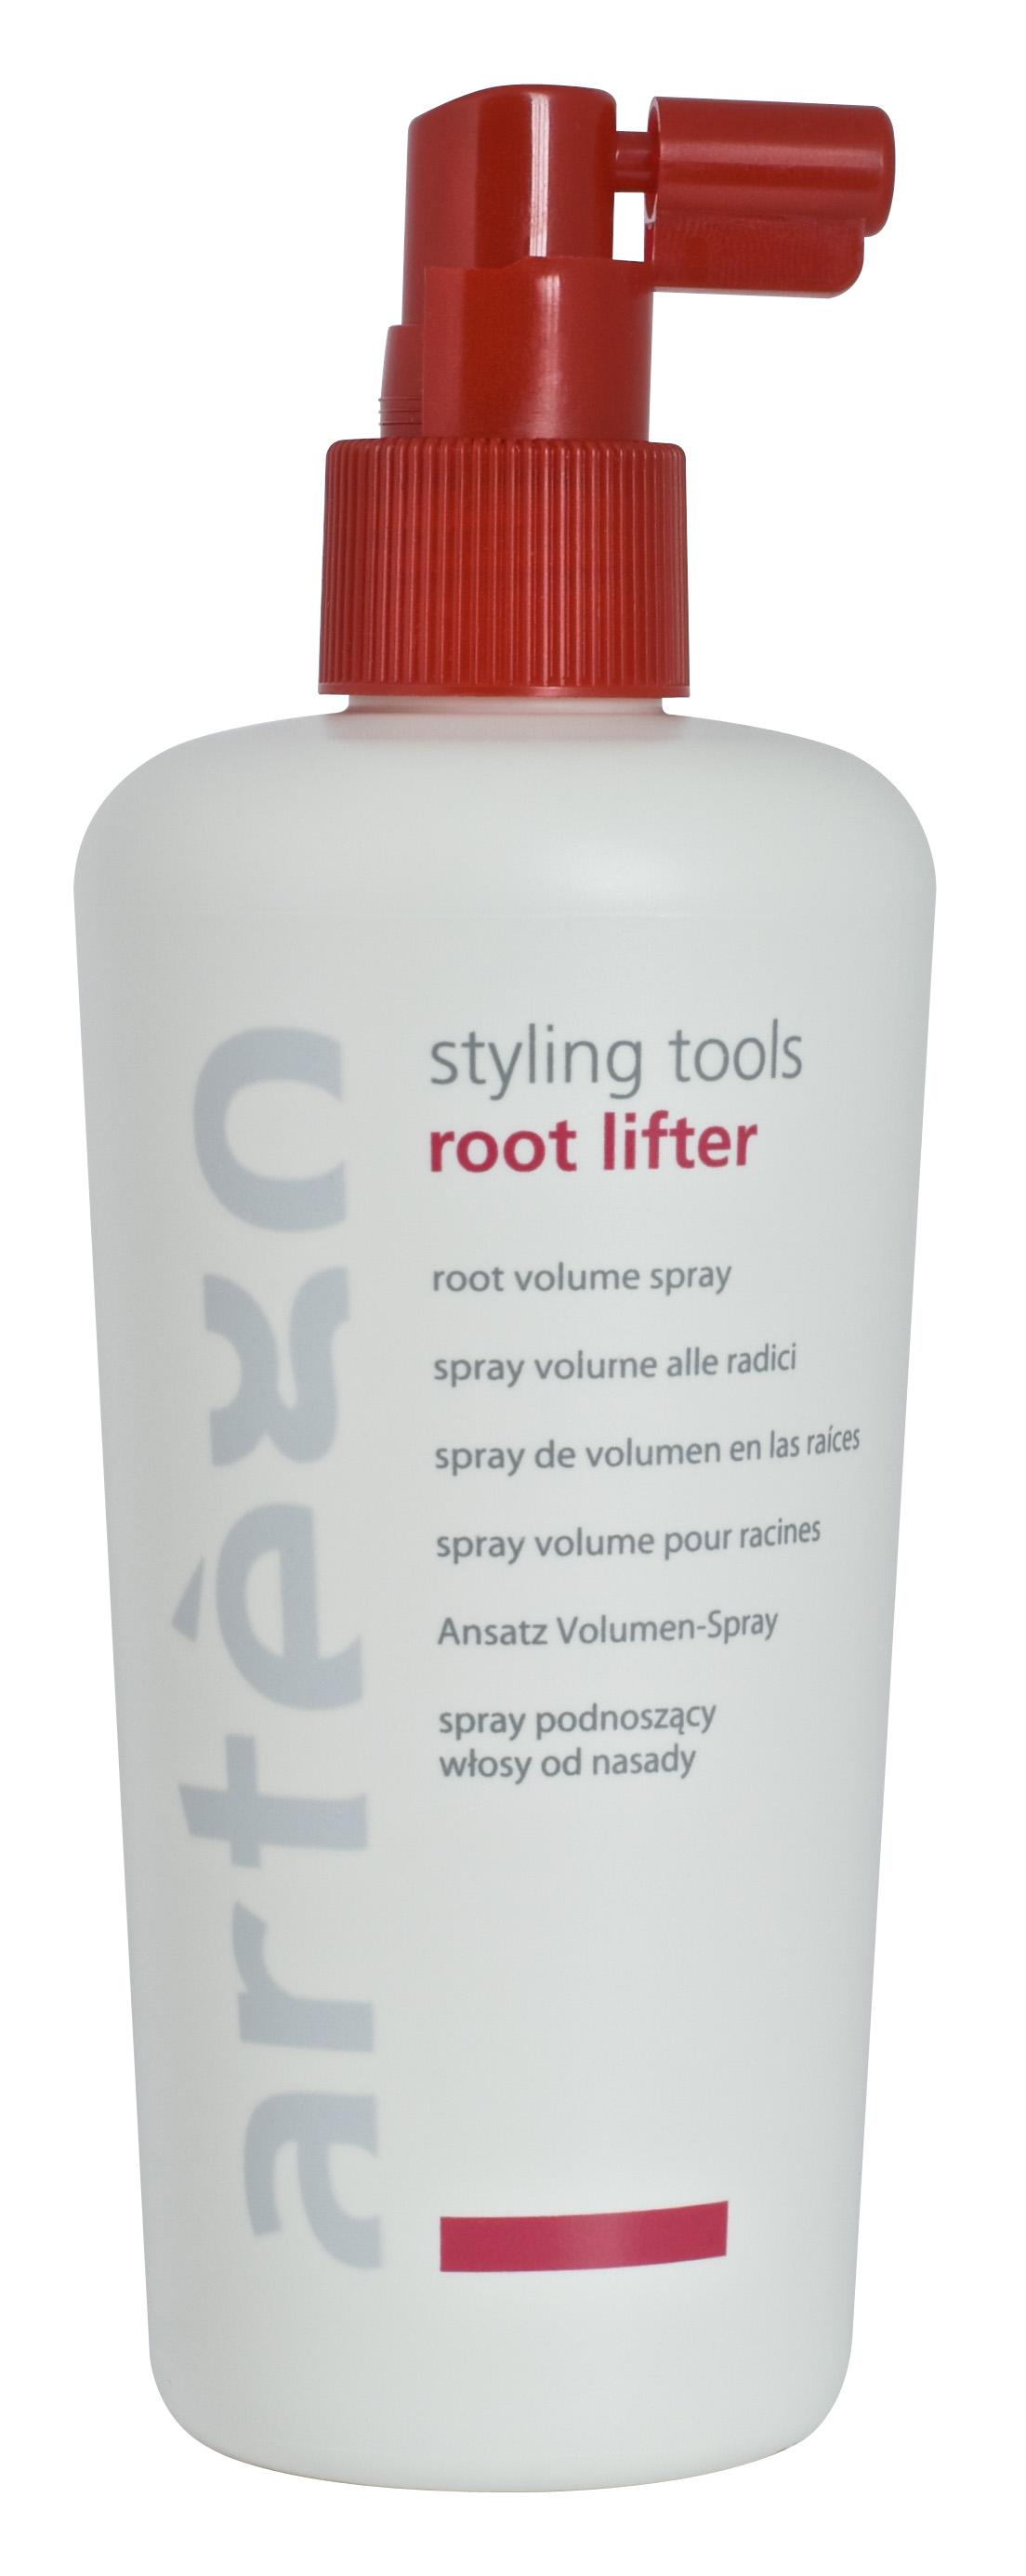 ARTEGO ROOT LIFTER Spray podnoszący włosy od nasady